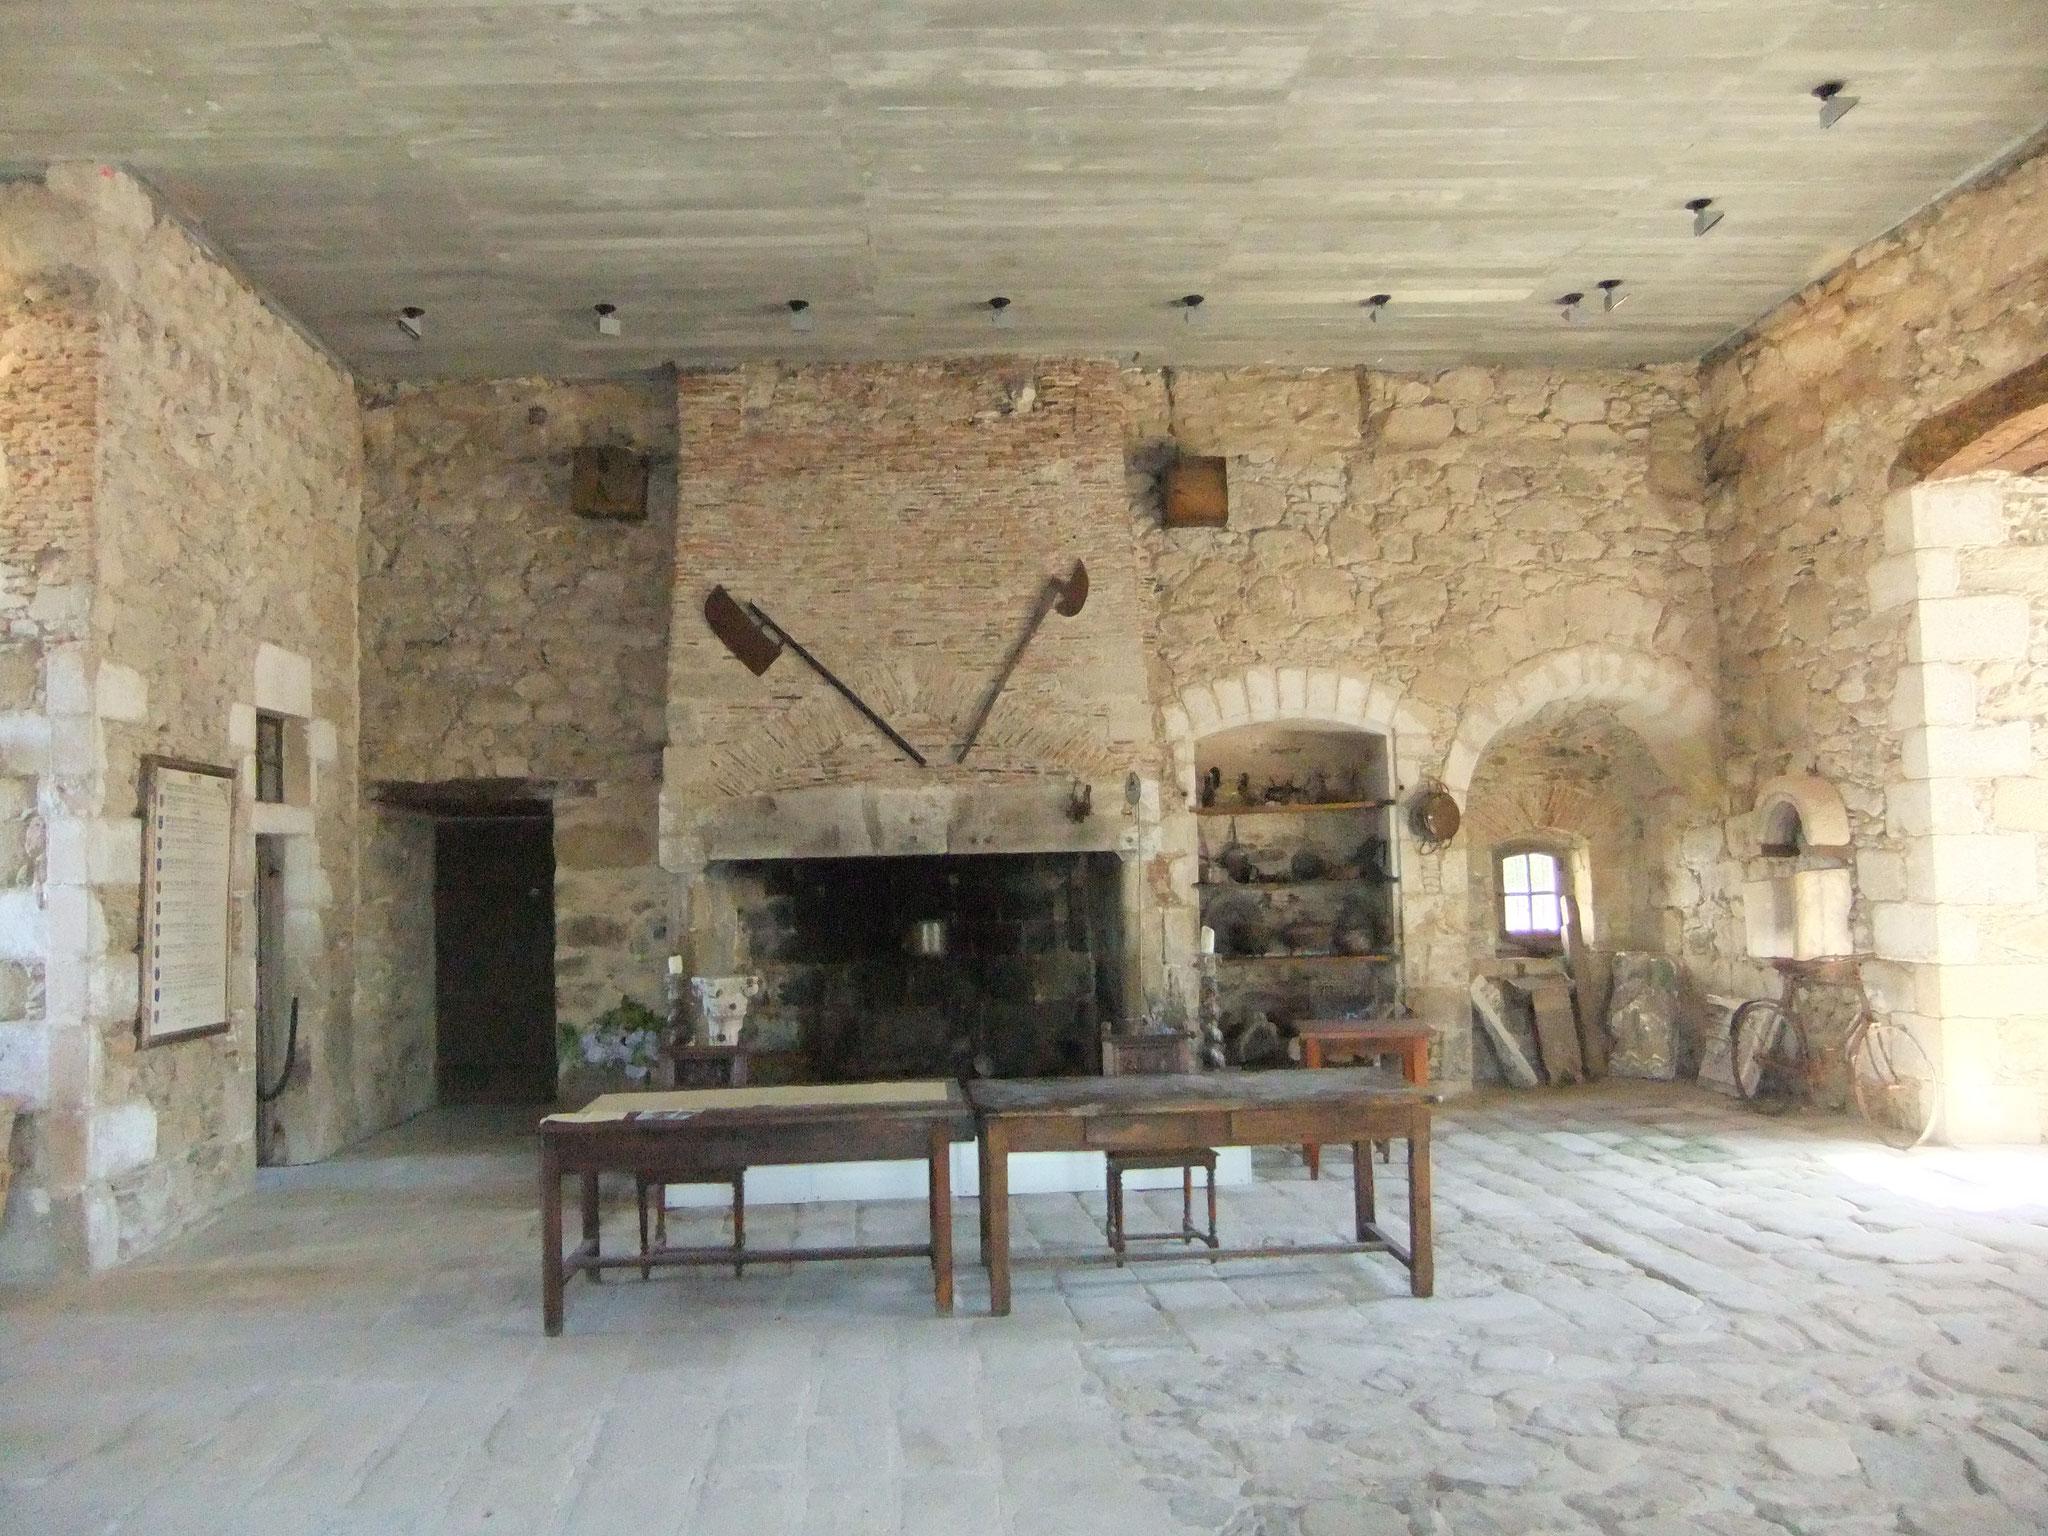 der Rittersaal der Burg Châlus-Chabrol. Hier verstarb 1199 Richard Löwenherz.